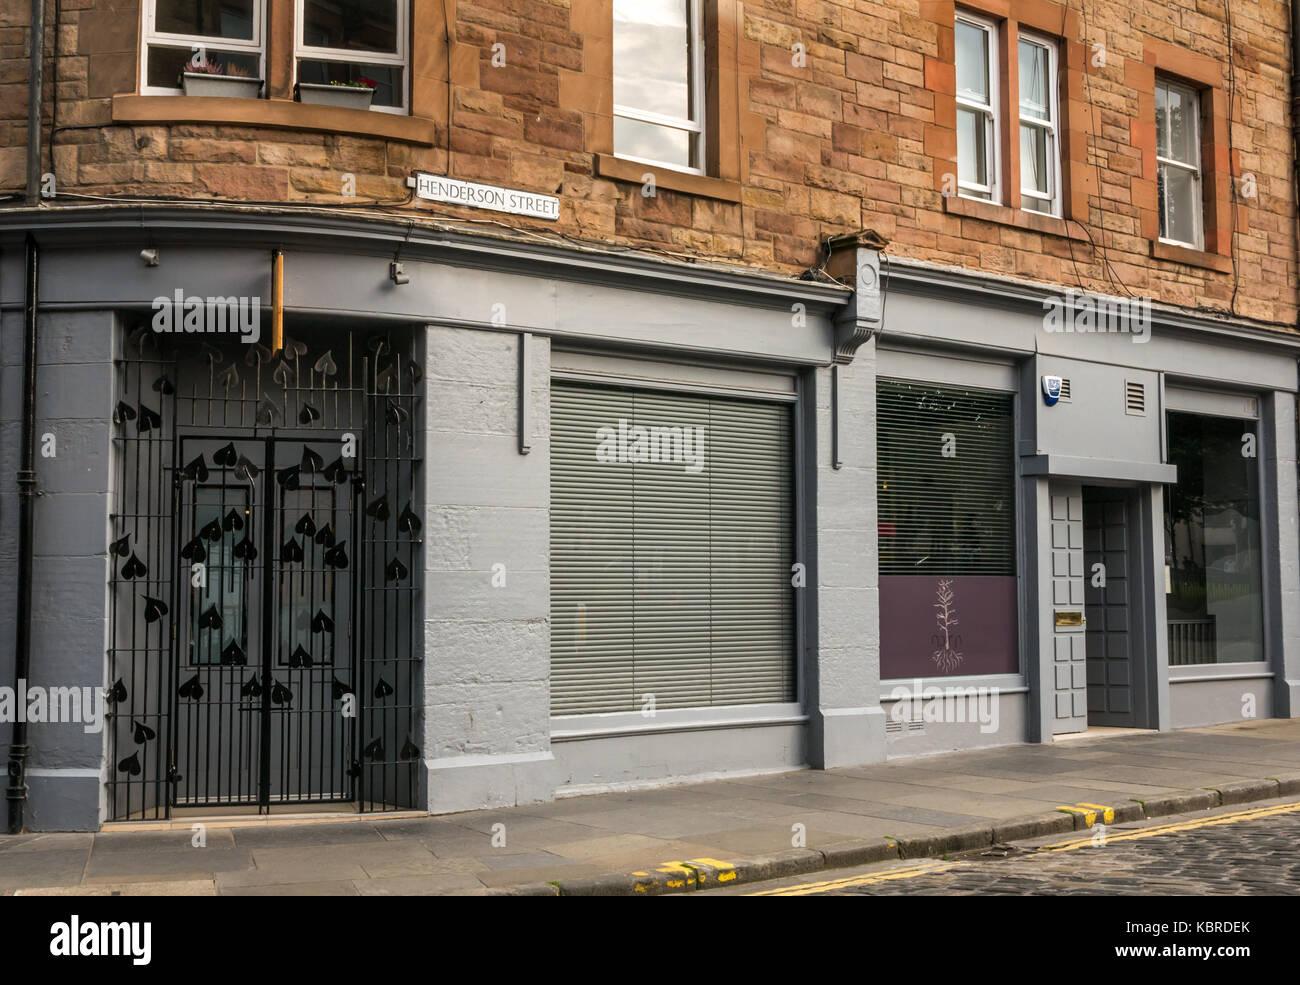 Schlichte Fassade der feinen Küche bio Restaurant namens Norn, Henderson Street, Leith, Edinburgh, Schottland, Stockbild